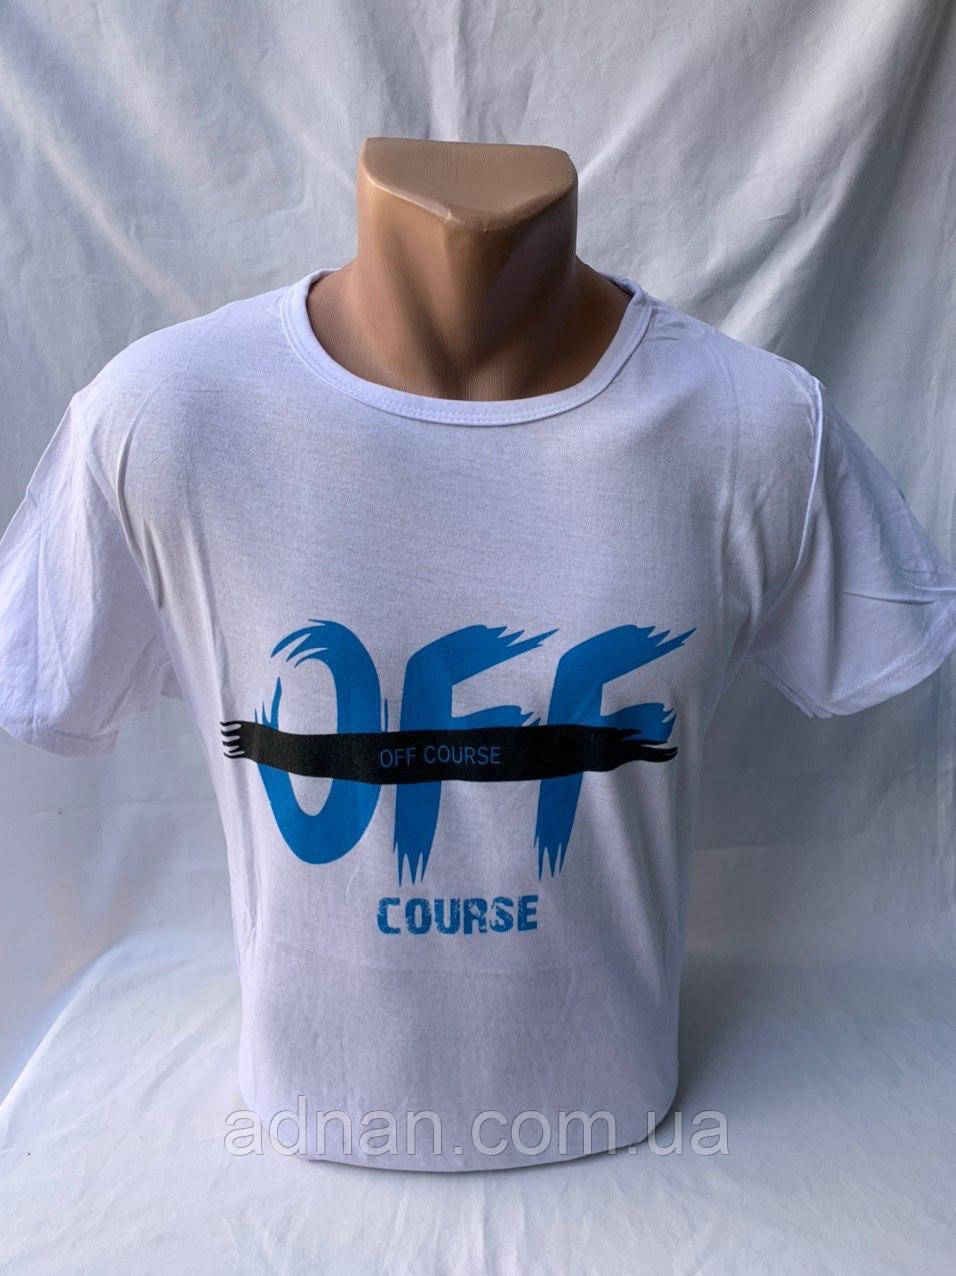 Футболка чоловіча фірми ERKEK х/б євро розміри OFF COURSE 002 \ купити футболку чоловічу оптом